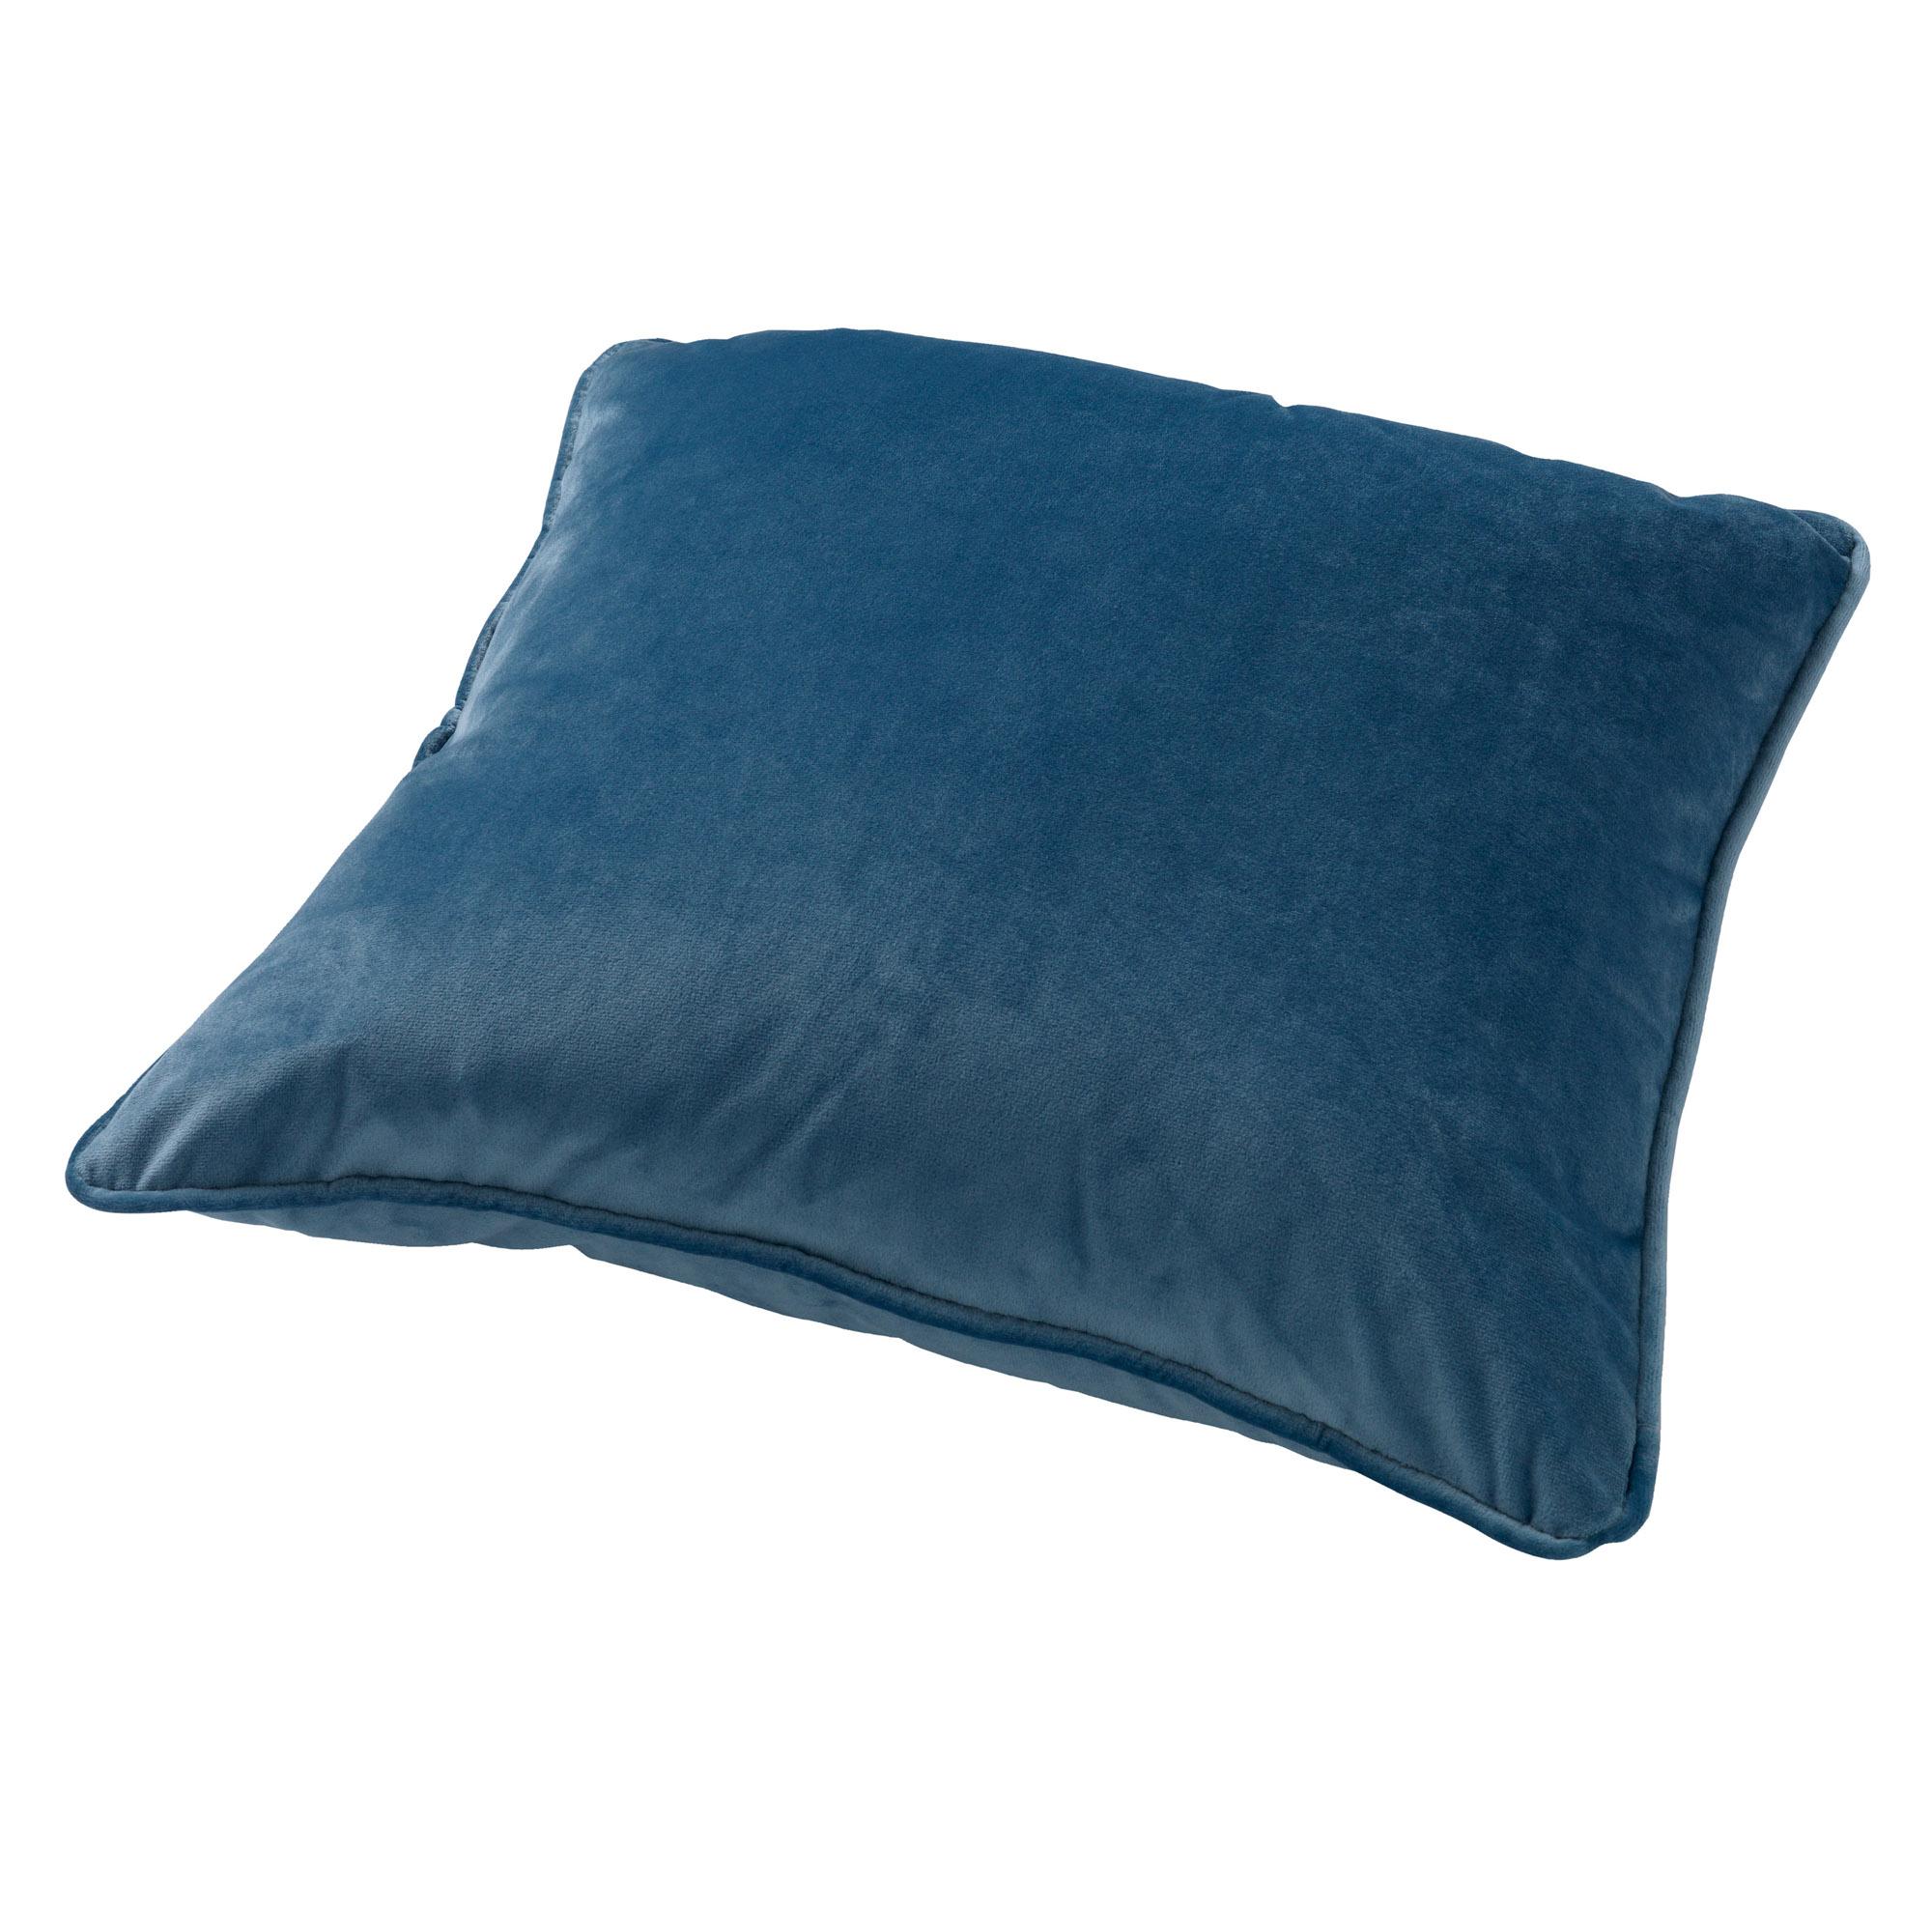 FINN - Sierkussen velvet Provincial Blue 60x60 cm